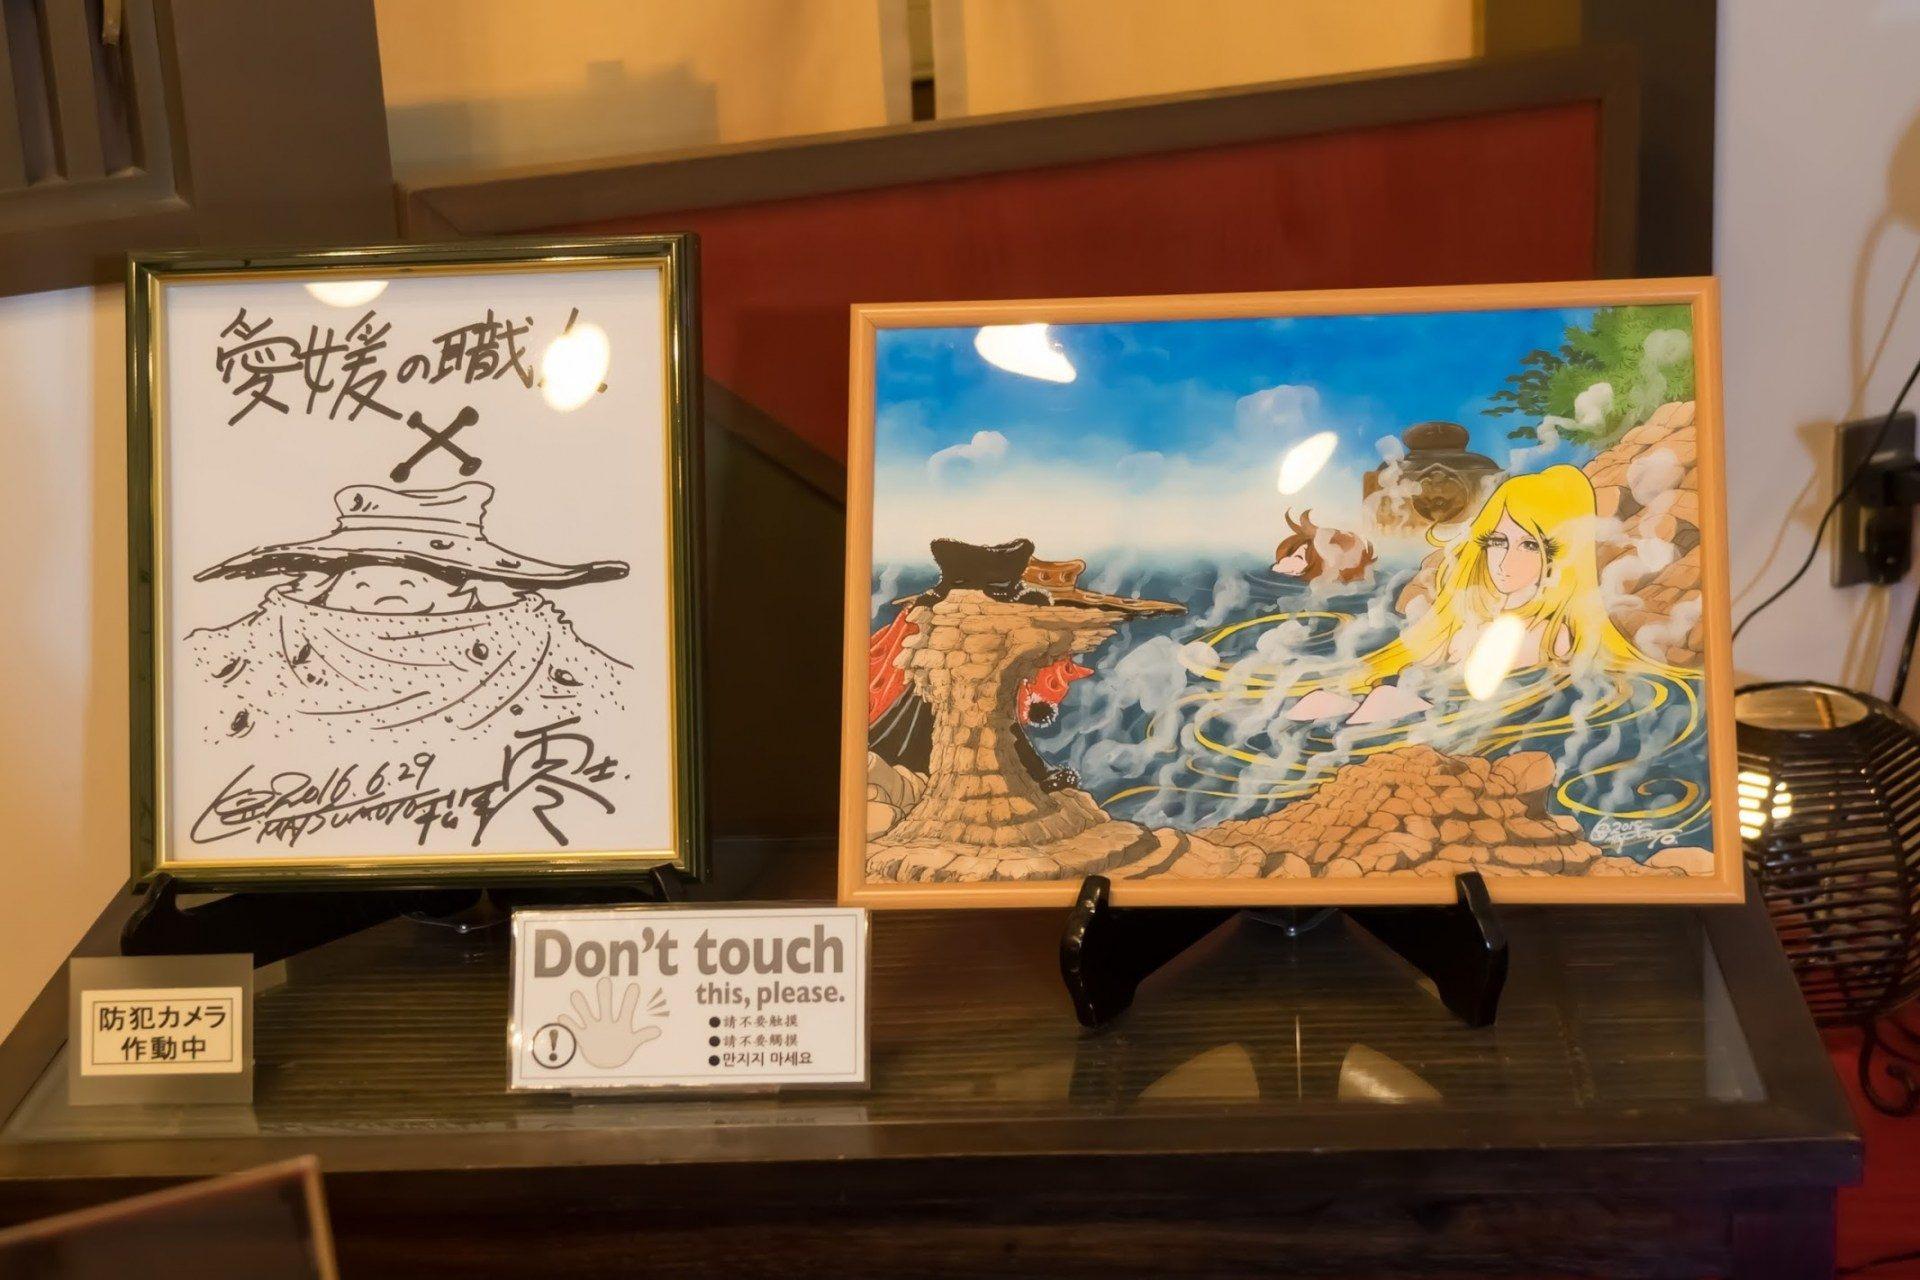 「Maetel」(梅德爾、美達露)在露天溫泉裡放鬆的水彩畫